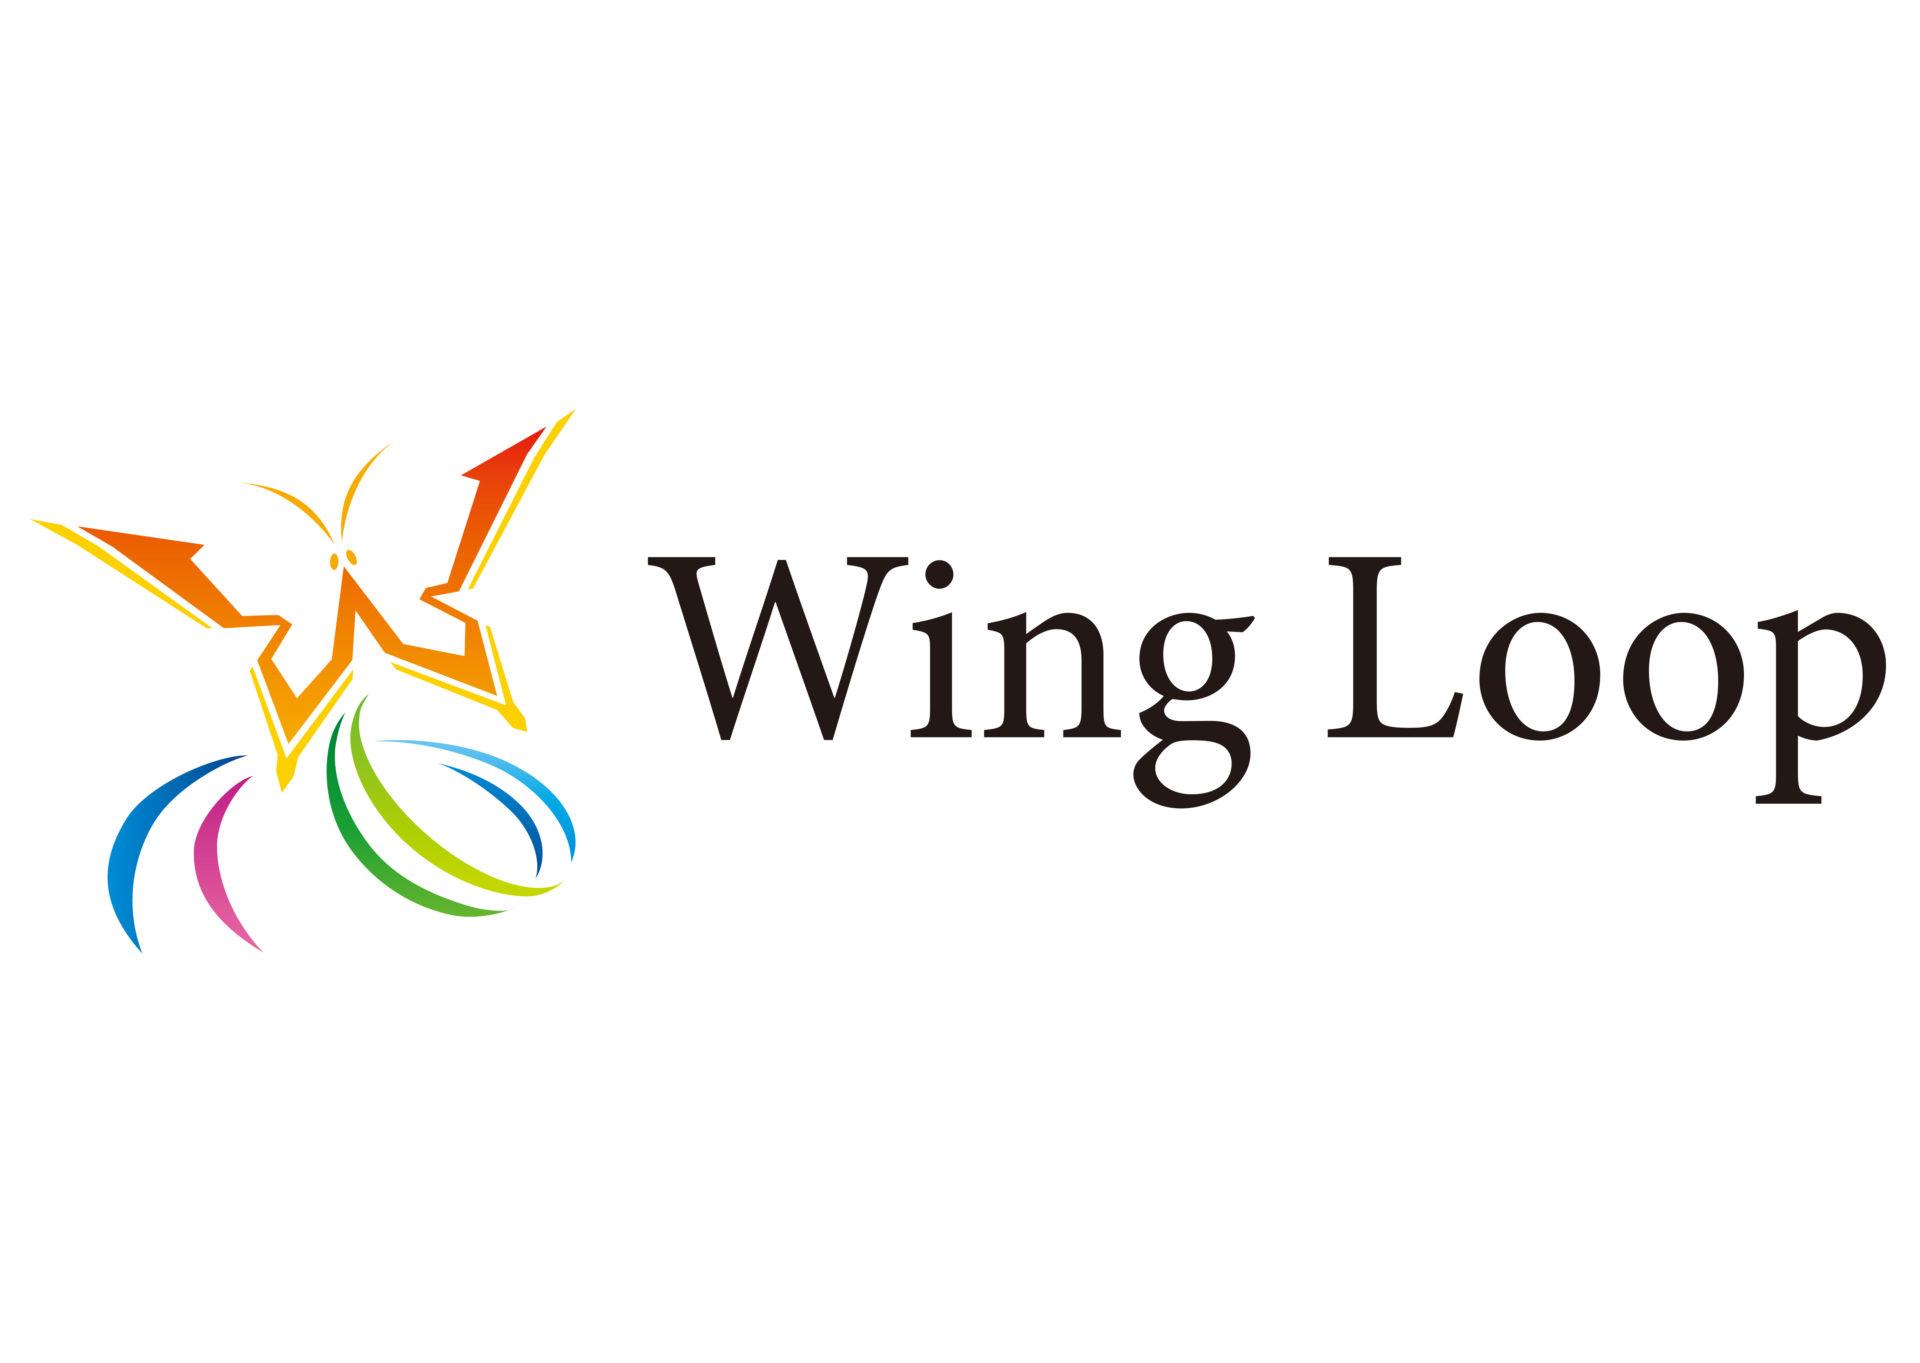 株式会社Wing Loop ロゴ